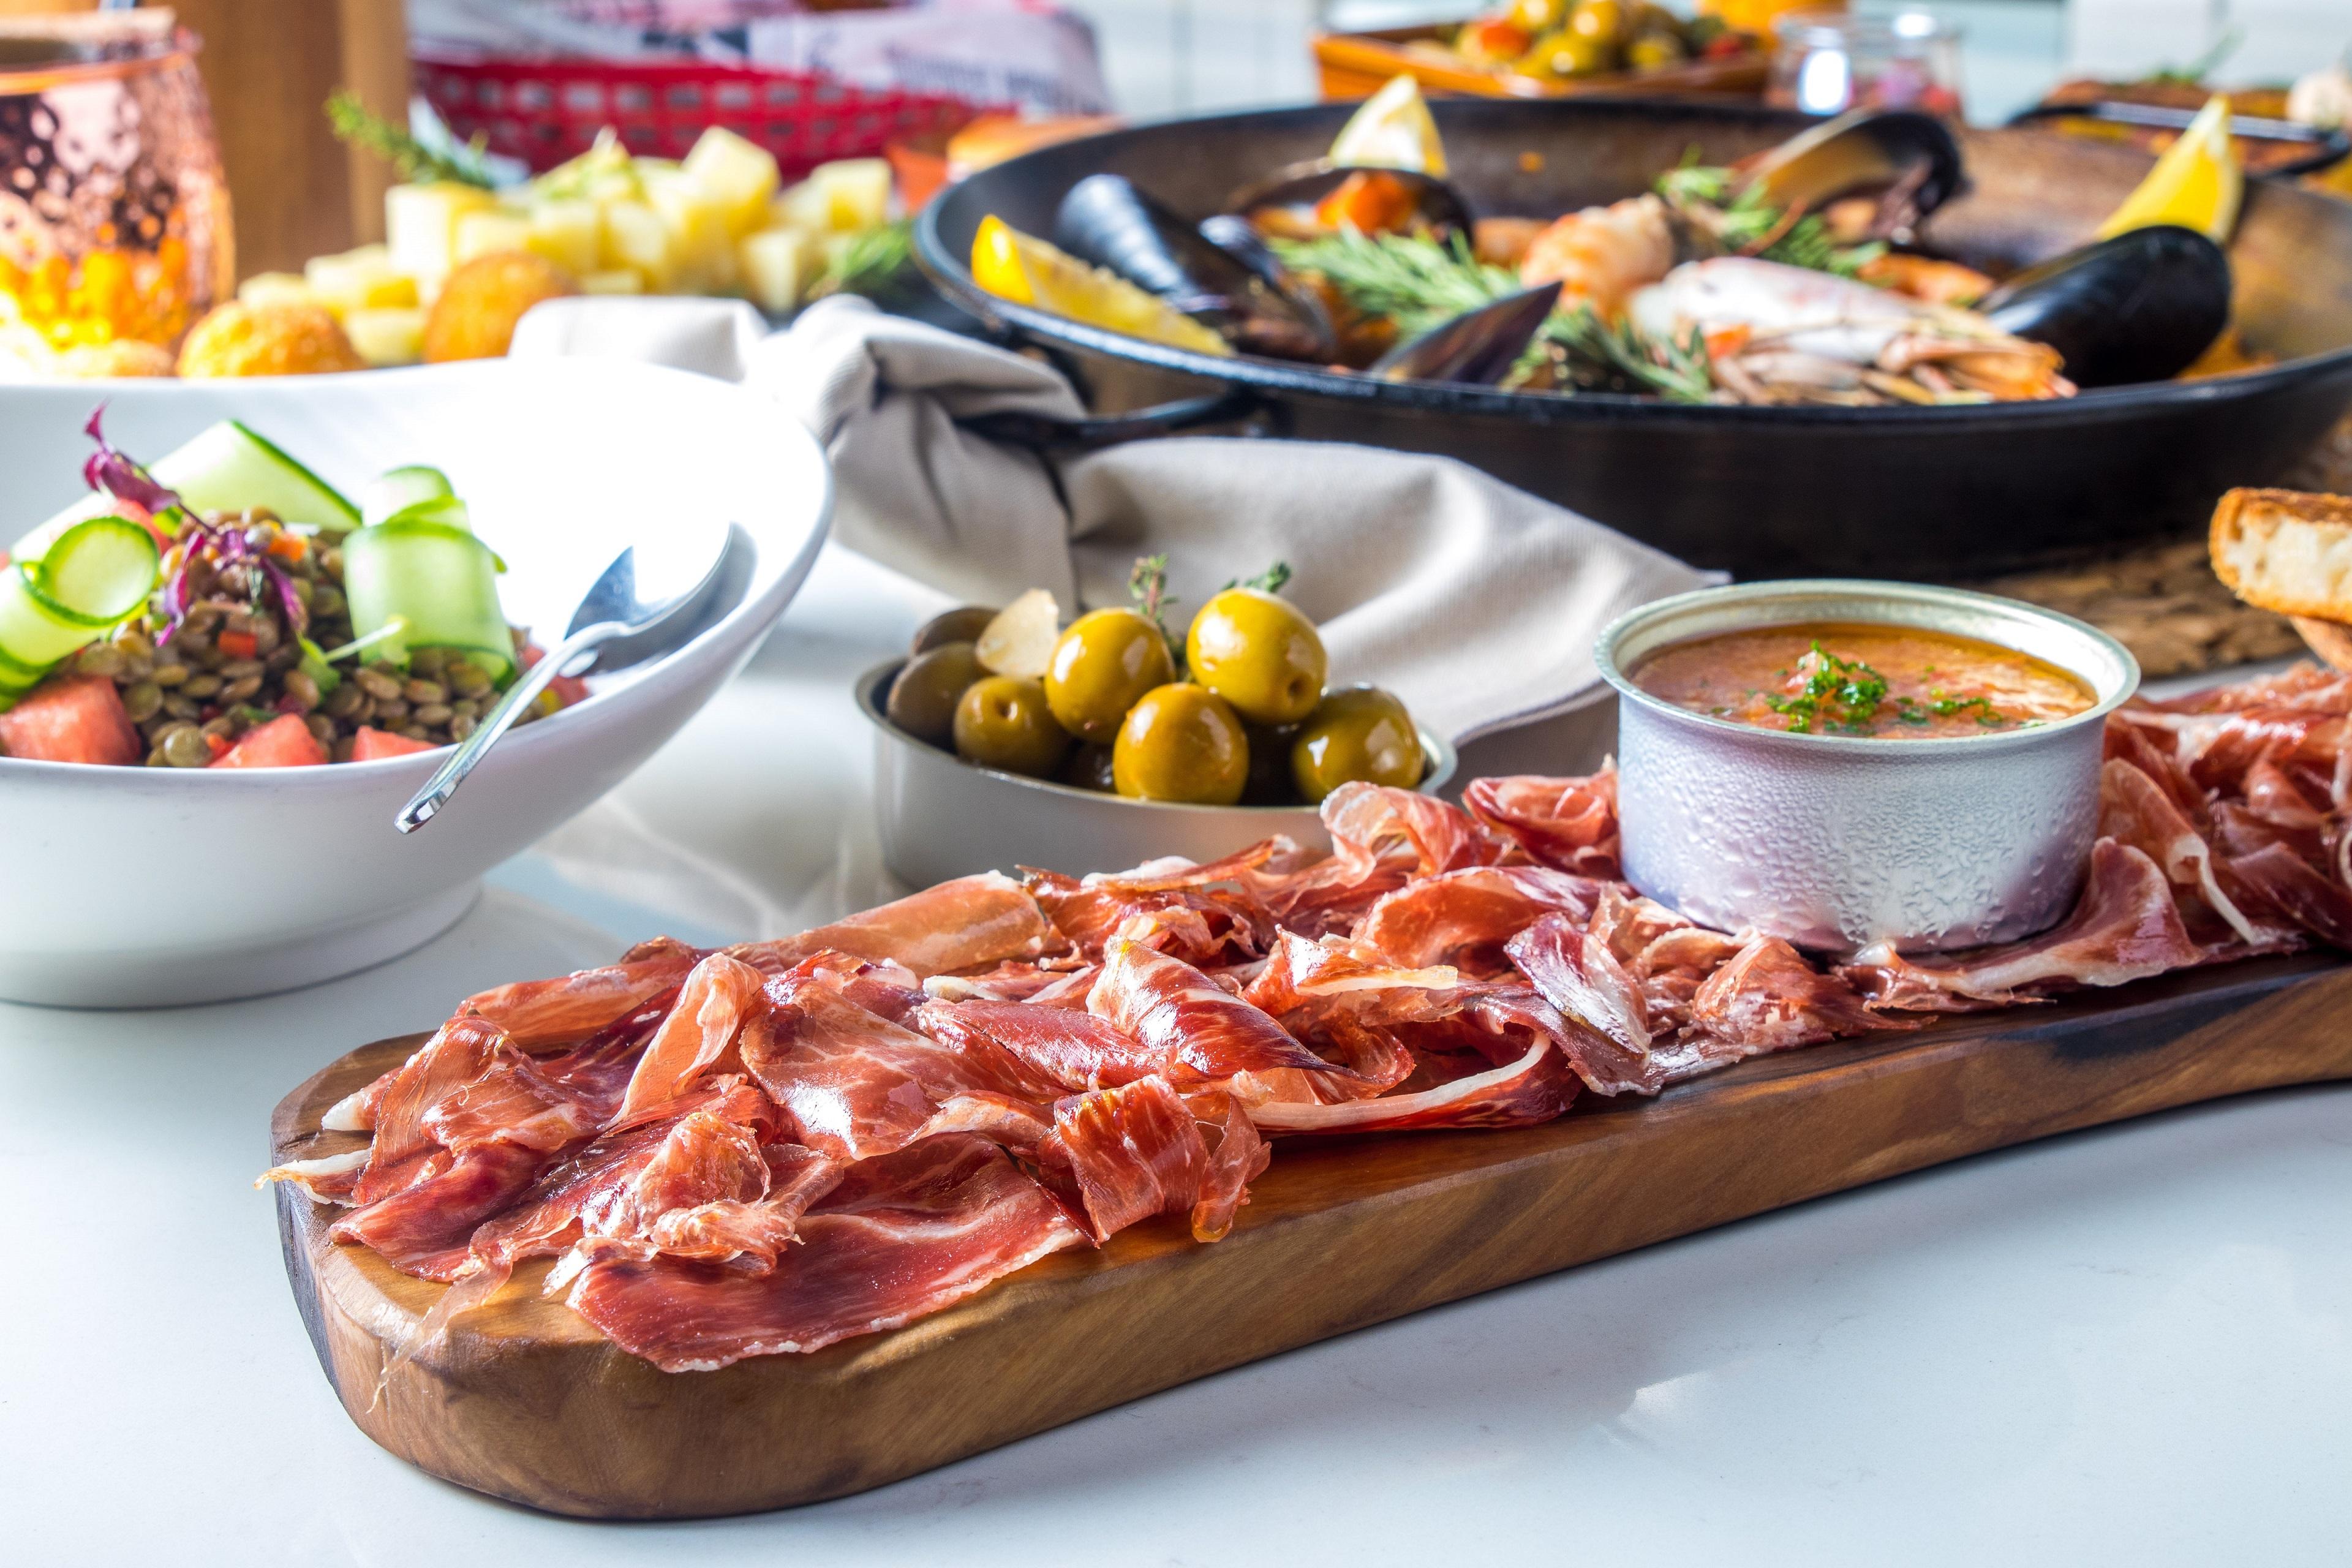 مطعم إل سور يطلق قائمة طعام جديدة مستوحاة من المطبخ الإسباني